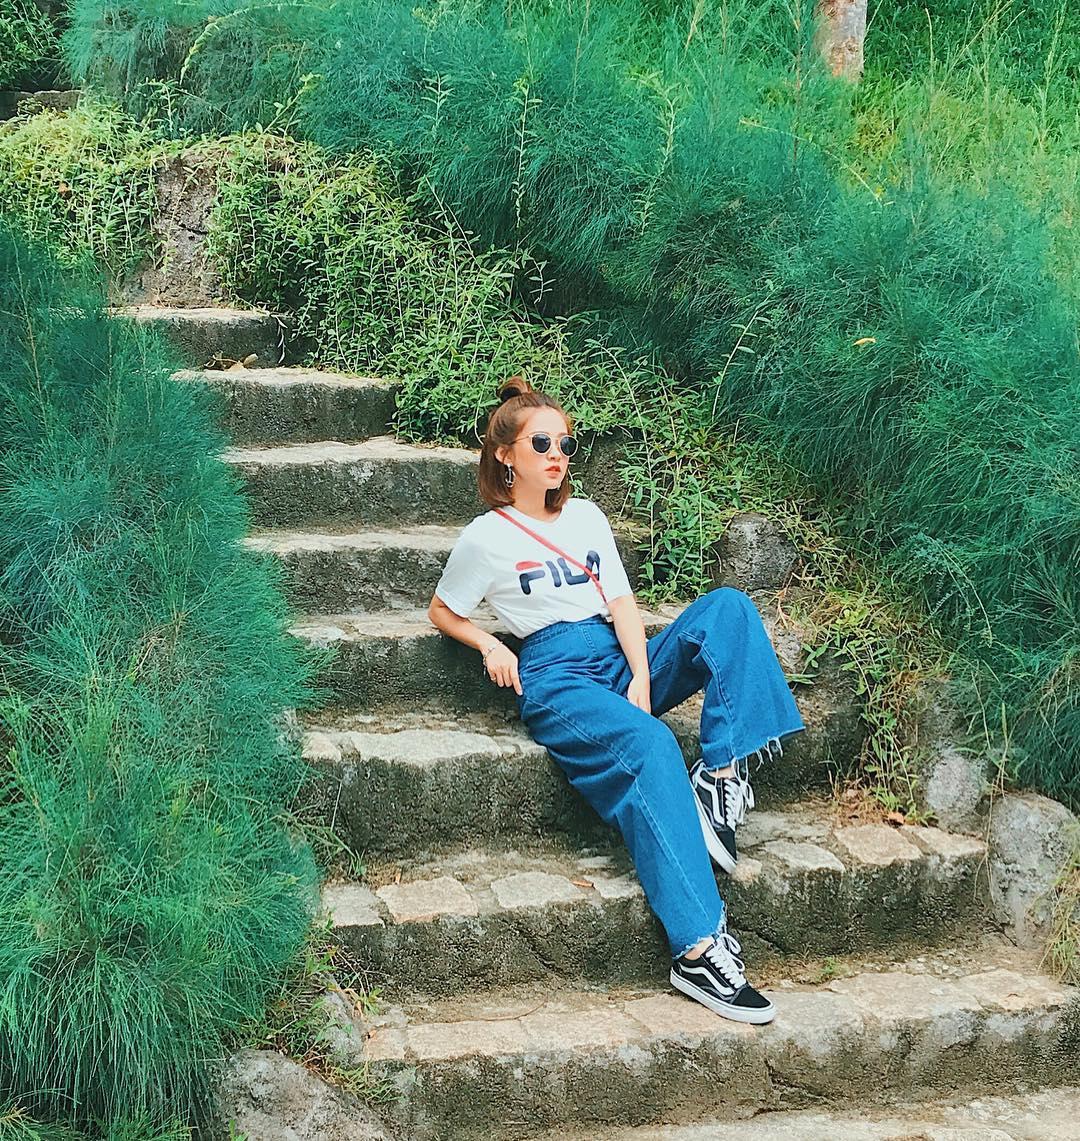 Giới trẻ châu Á người người nhà nhà đang diện T-shirt và sneaker Fila chất phát ngất ra sao? - Ảnh 15.